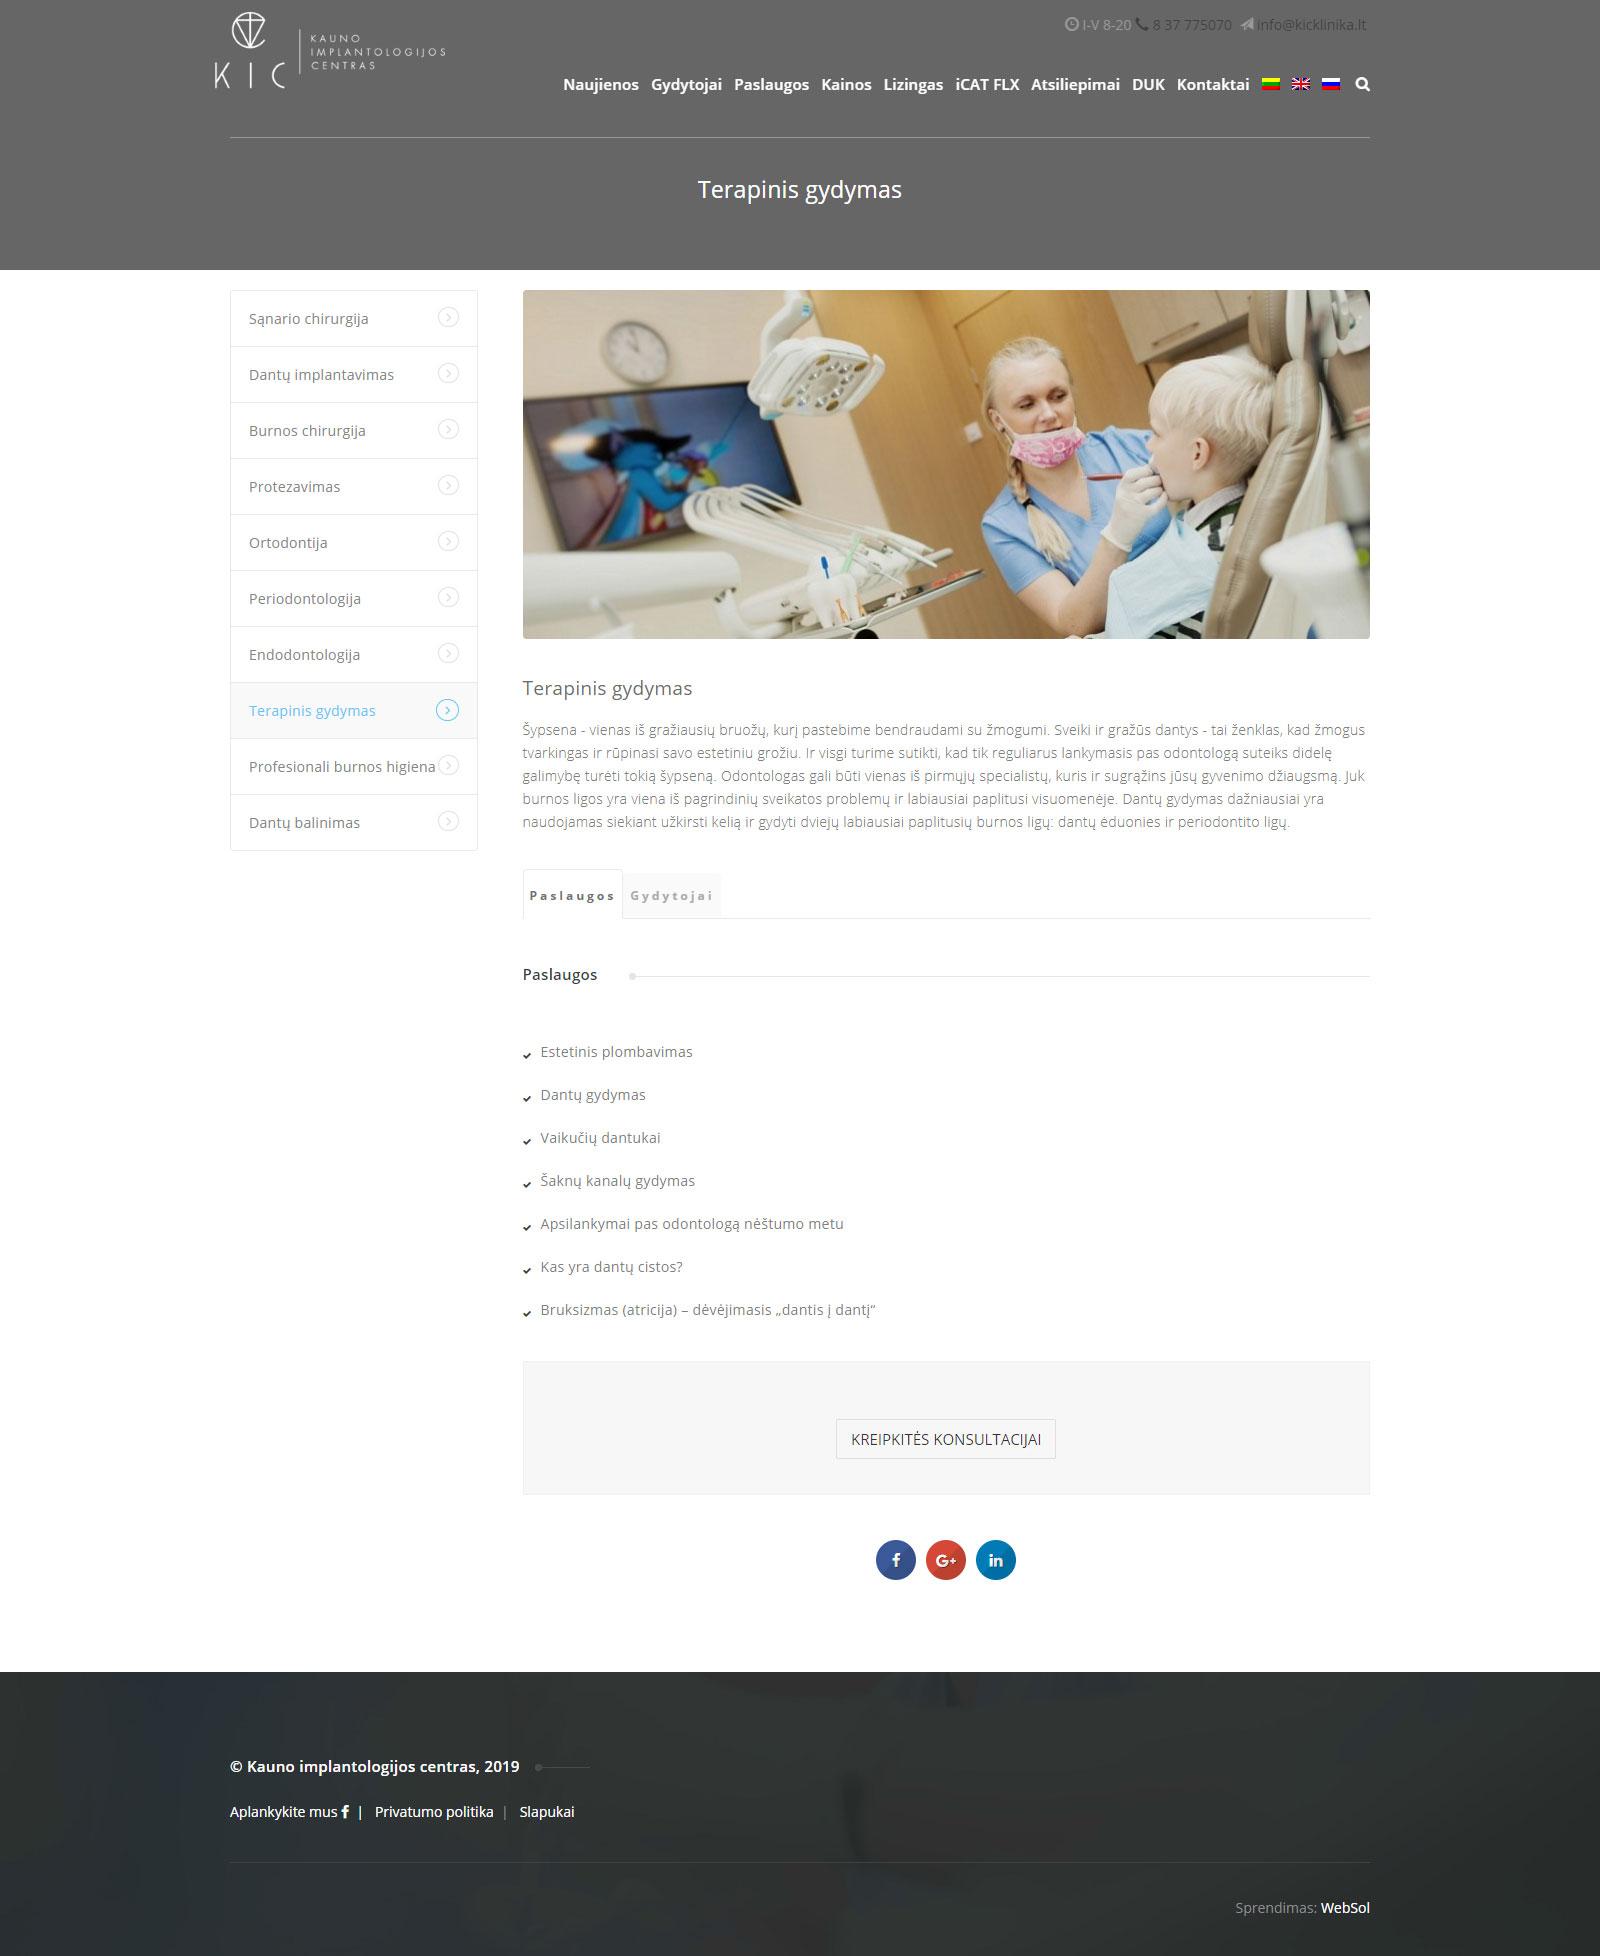 screencapture-kicklinika-lt-mdepartment-terapinis-gydymas-dantu-implantai-protezavimas-2019-03-31-13_14_27-(1)